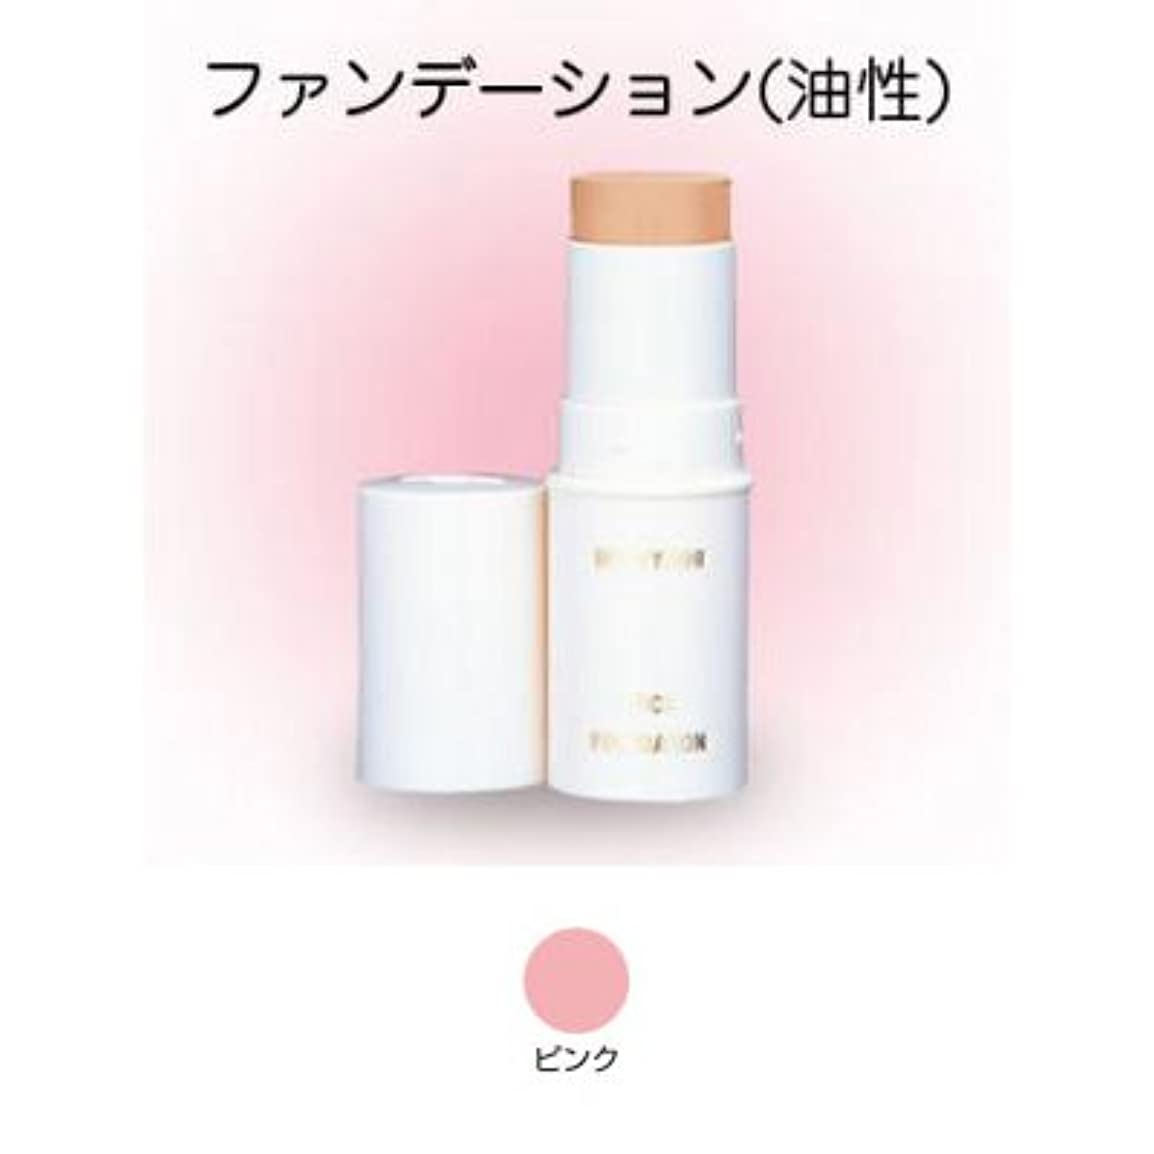 ピル違反ポータルスティックファンデーション 16g ピンク 【三善】